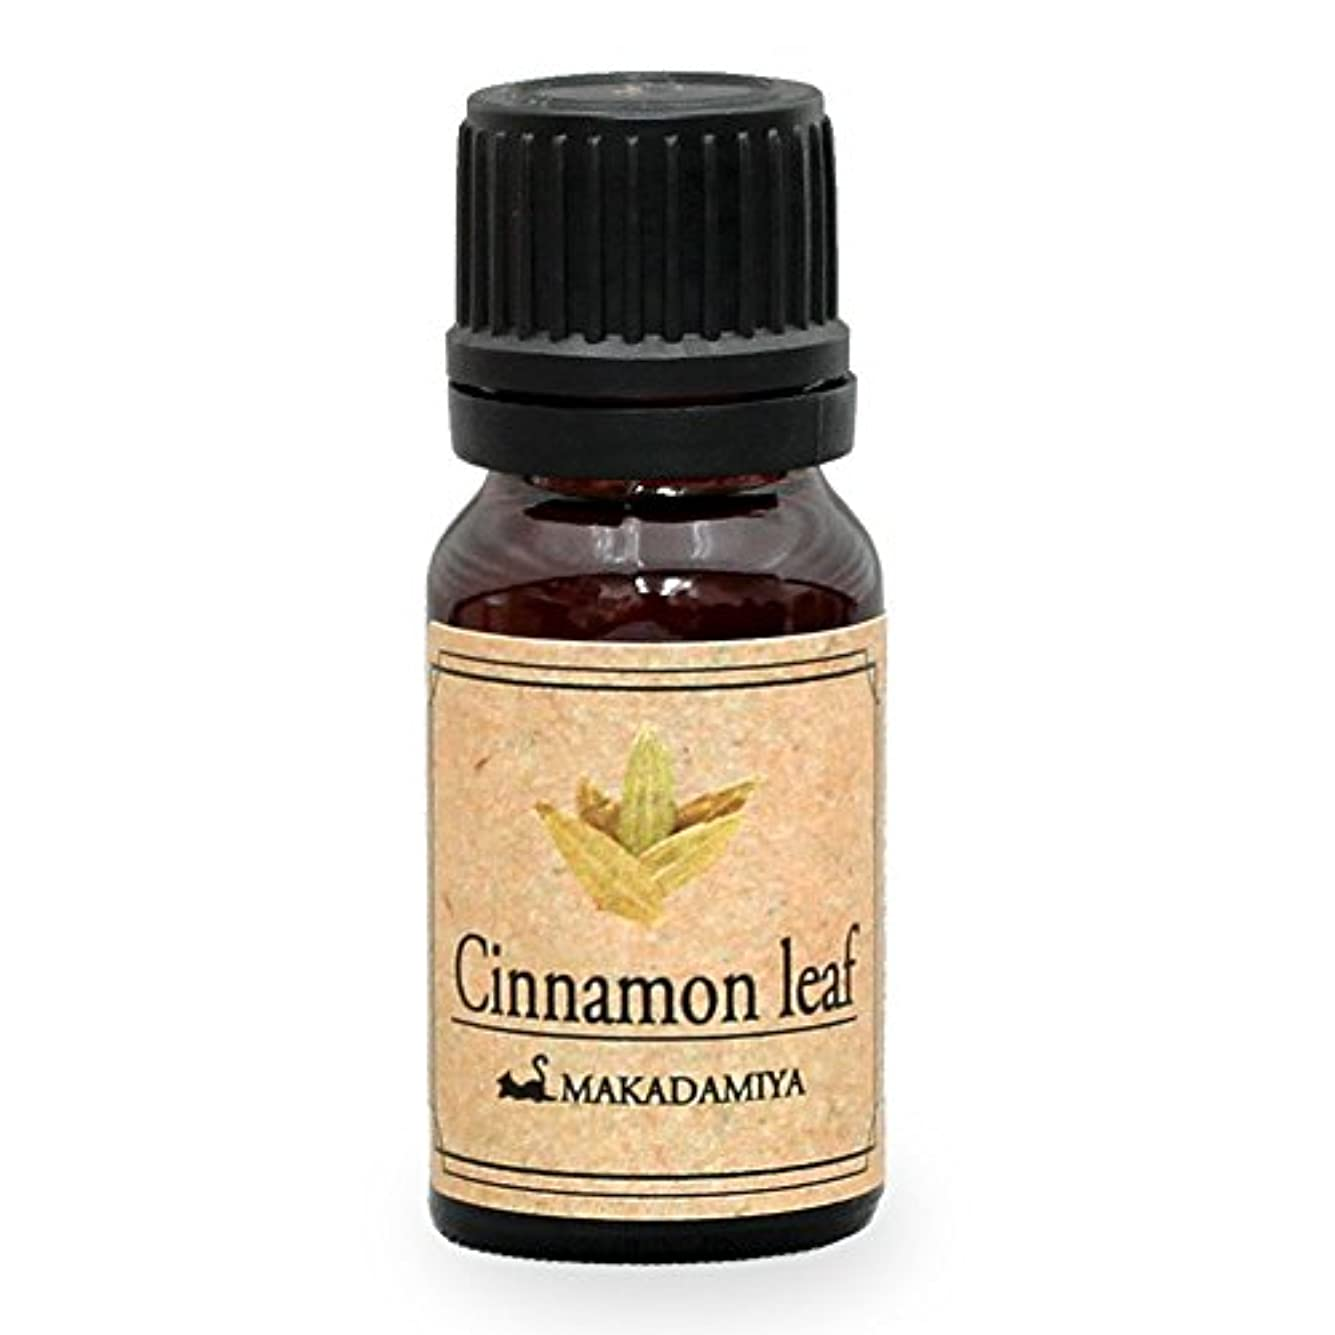 する必要がある区別するジョセフバンクスシナモンリーフ10ml天然100%植物性エッセンシャルオイル(精油)アロマオイルアロママッサージアロマテラピーaroma Cinnamon leaf